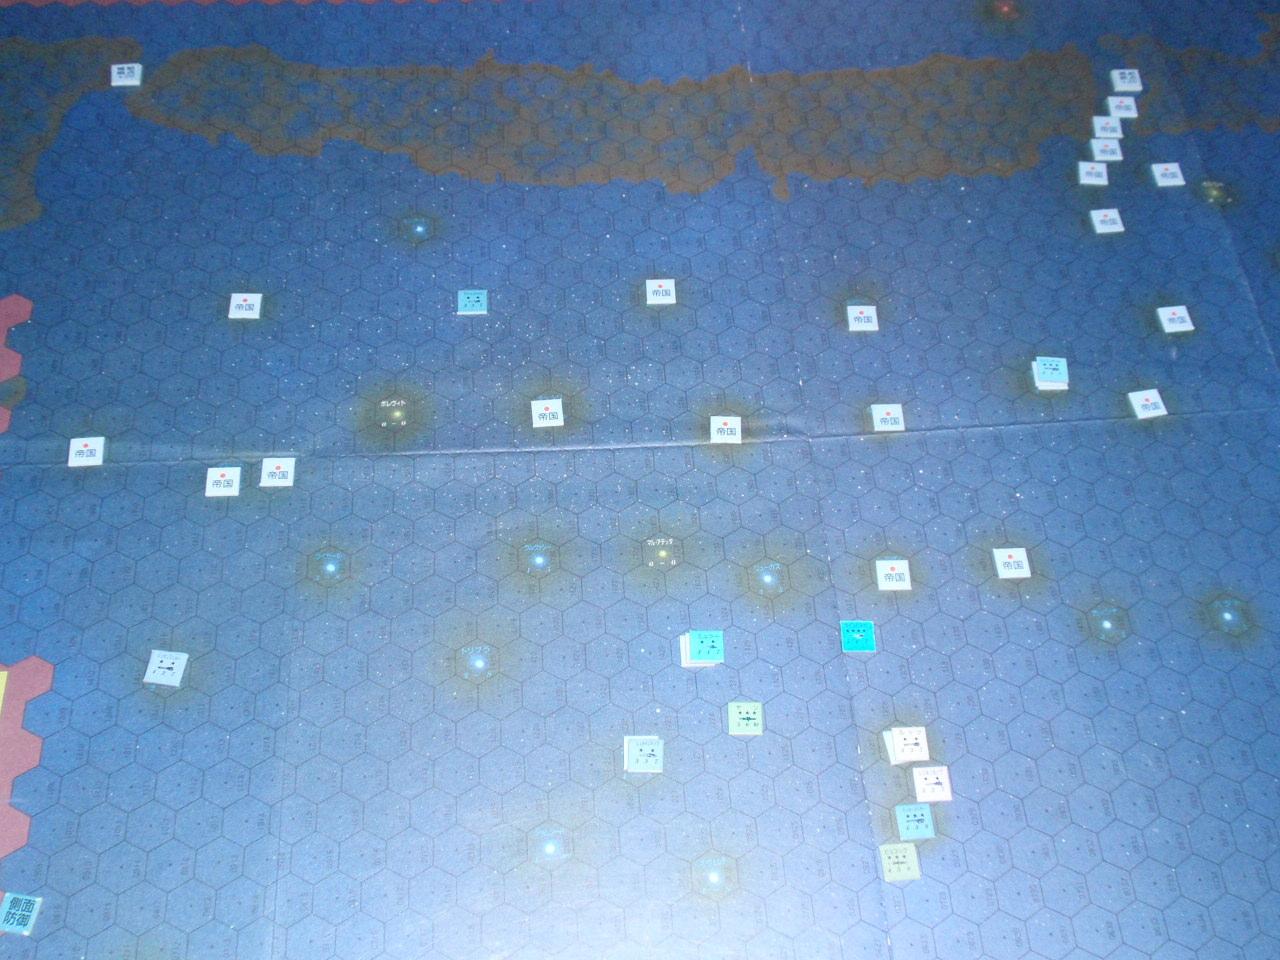 ツクダ「ラグナロック作戦」対戦記録⑦_b0162202_20145383.jpg